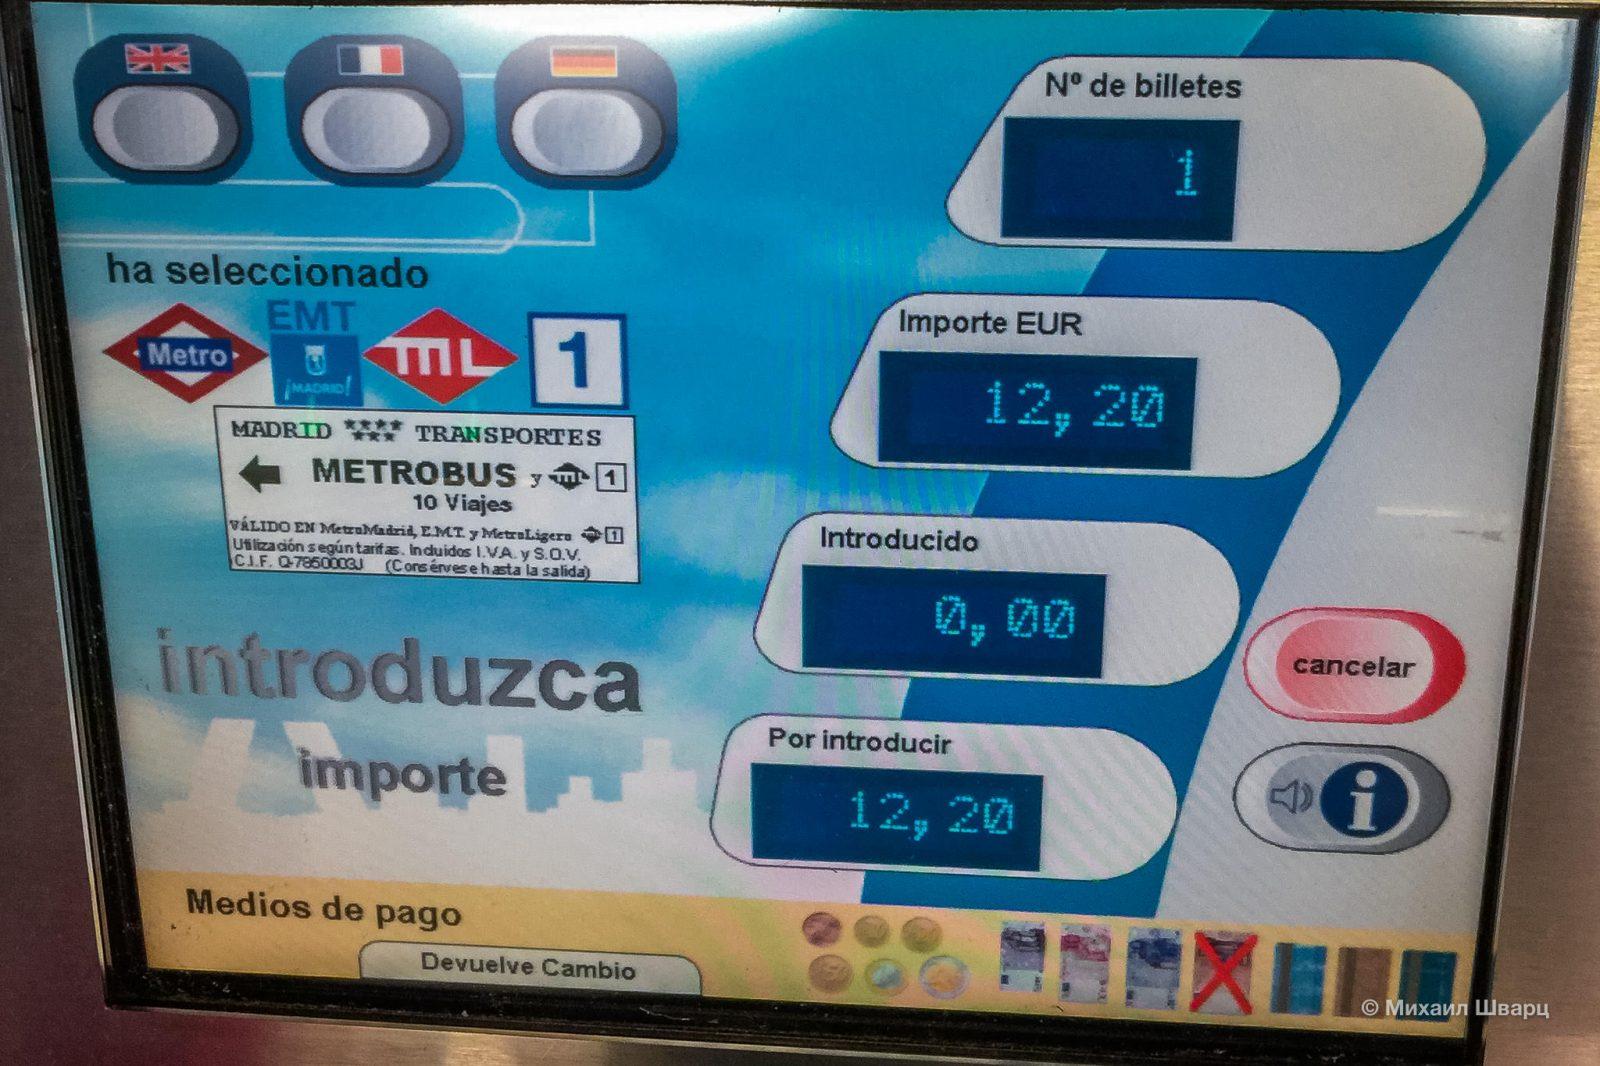 Выбираем проездной на 10 поездок, цена –€12,20